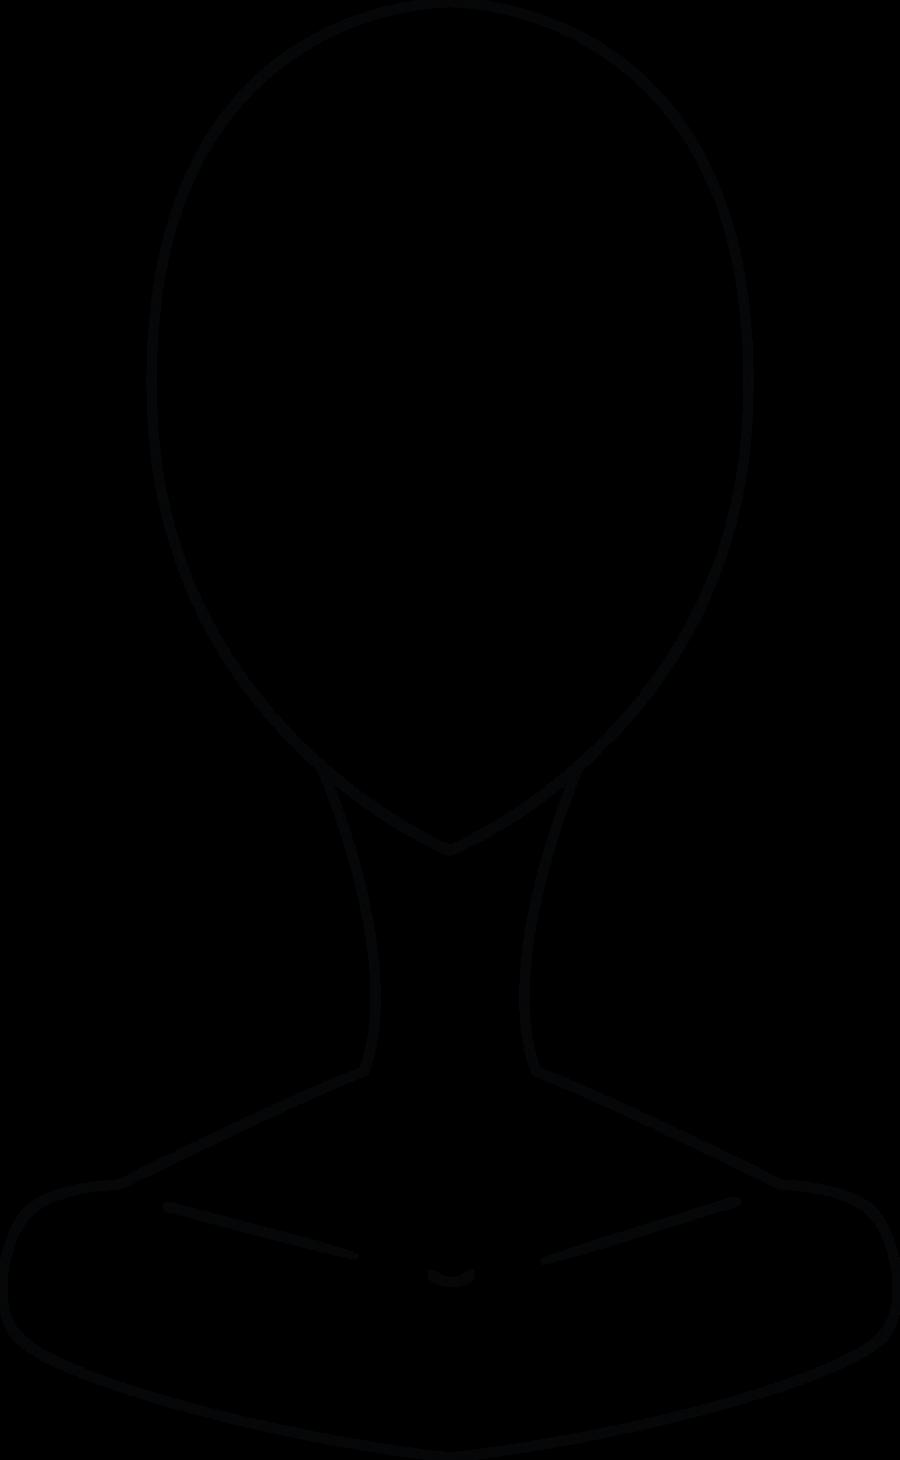 Как нарисовать манекен с головой